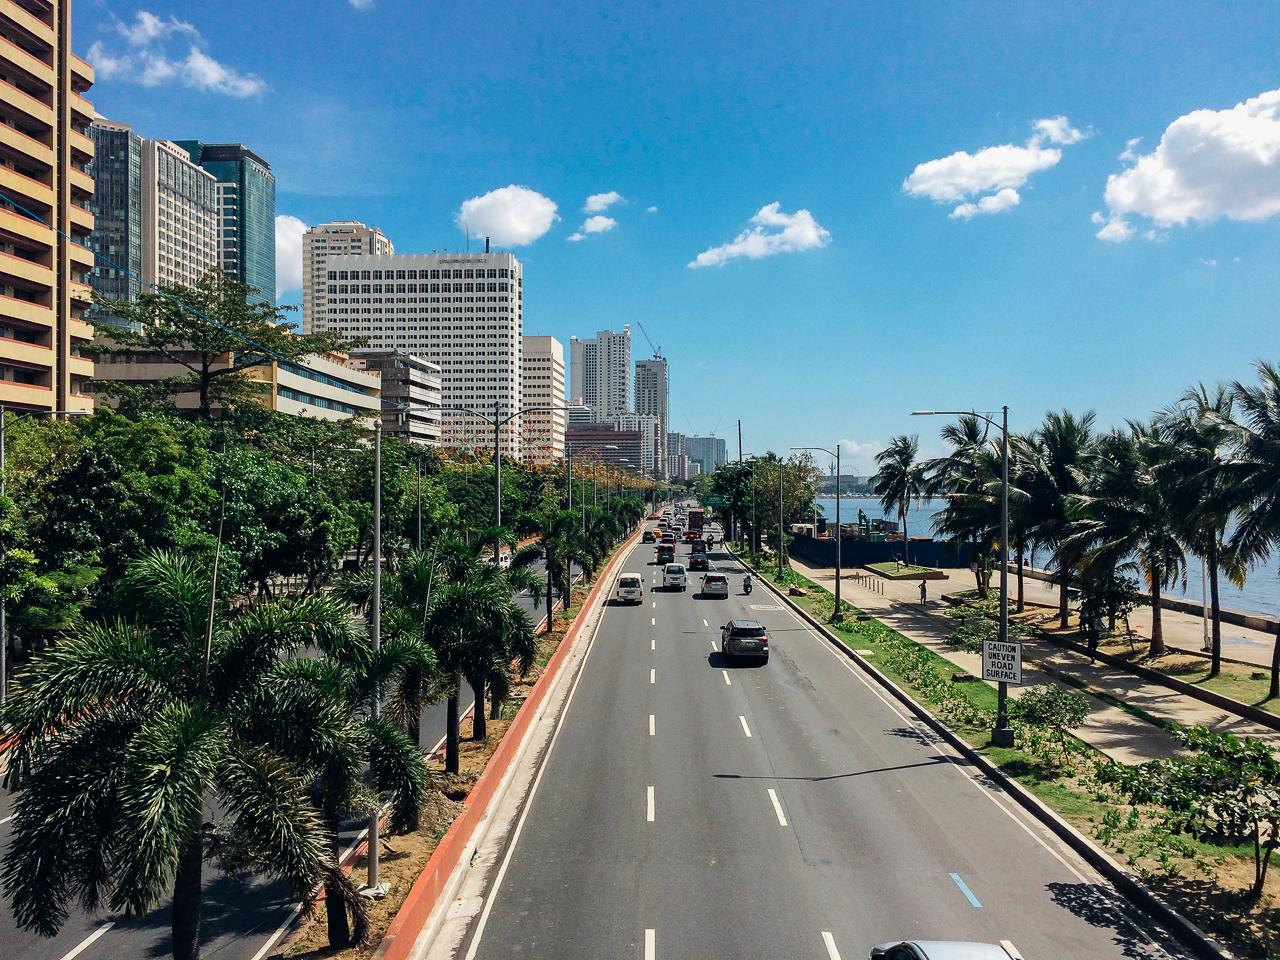 Путешествие по Филиппинам, Манила: Эрмита